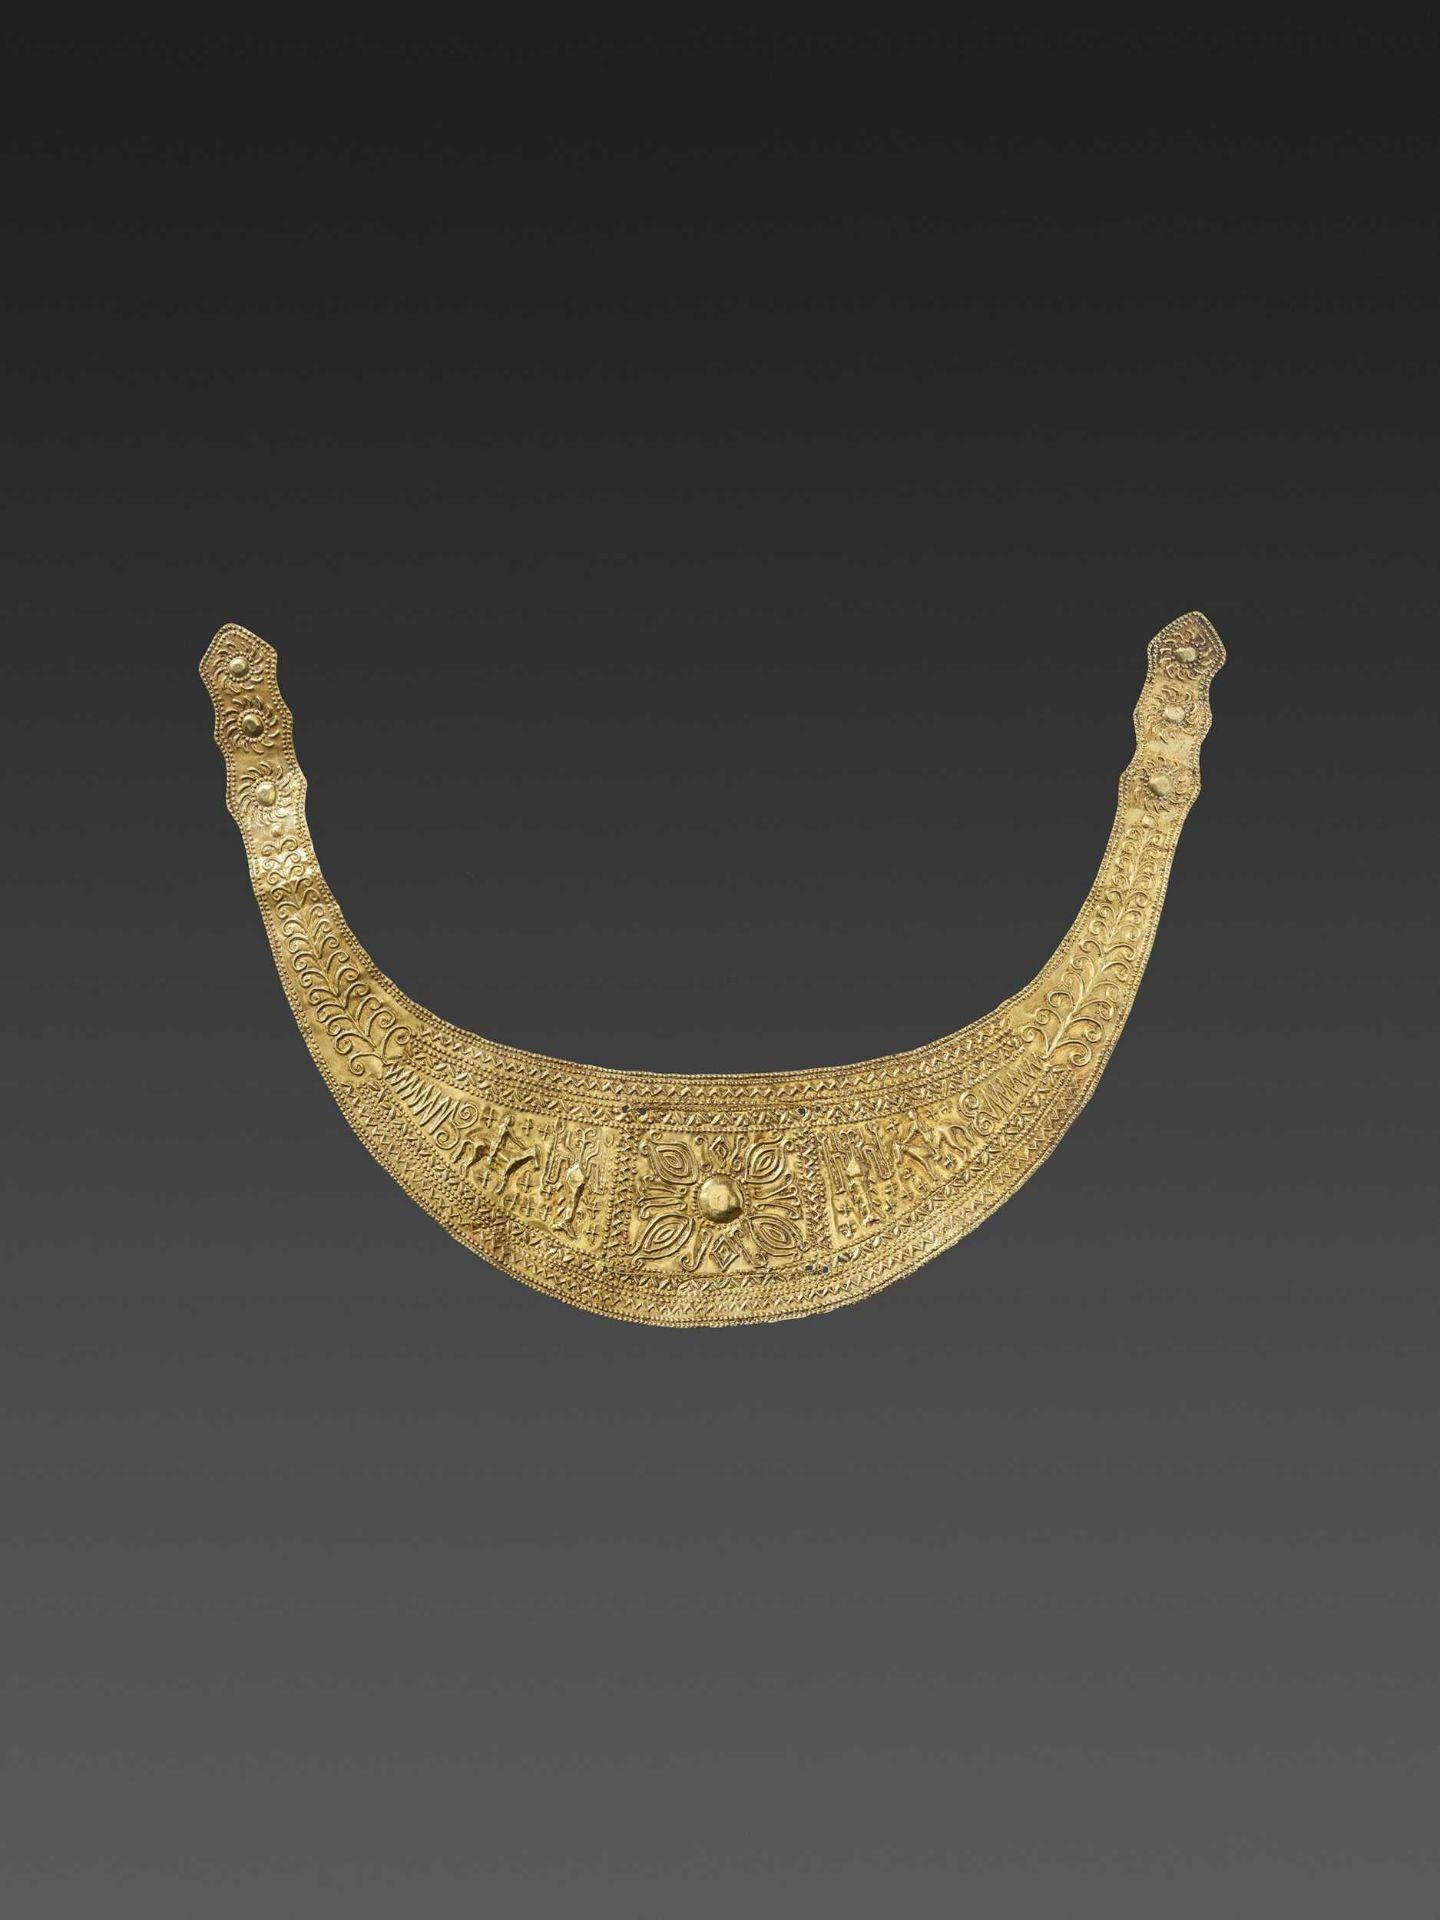 A CHAM GOLD REPOUSSÉ HAIR ORNAMENT